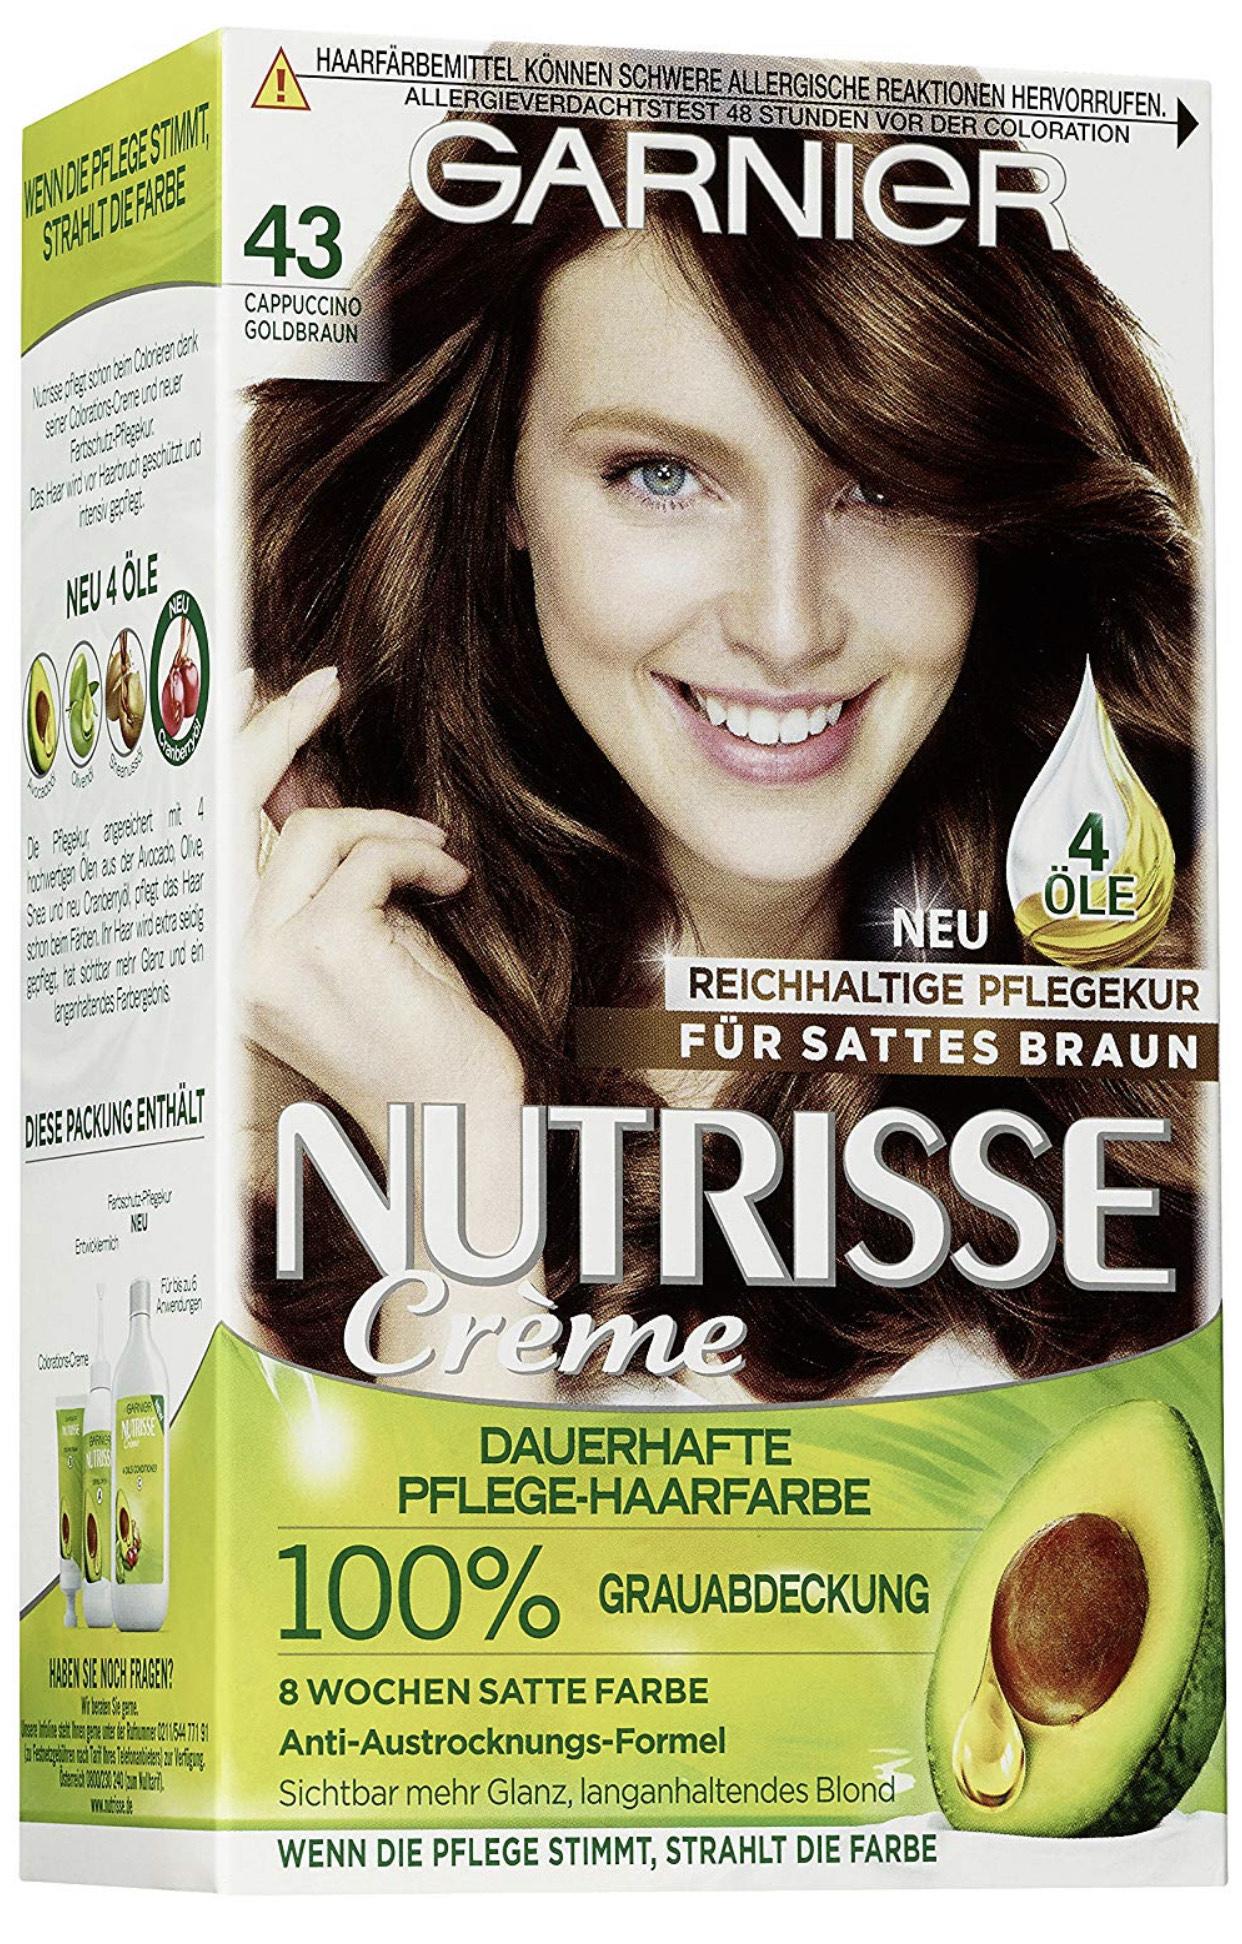 (Haare wie Peter) Garnier Nutrisse Creme Coloration Gold-Braun Färbung, 3er Pack